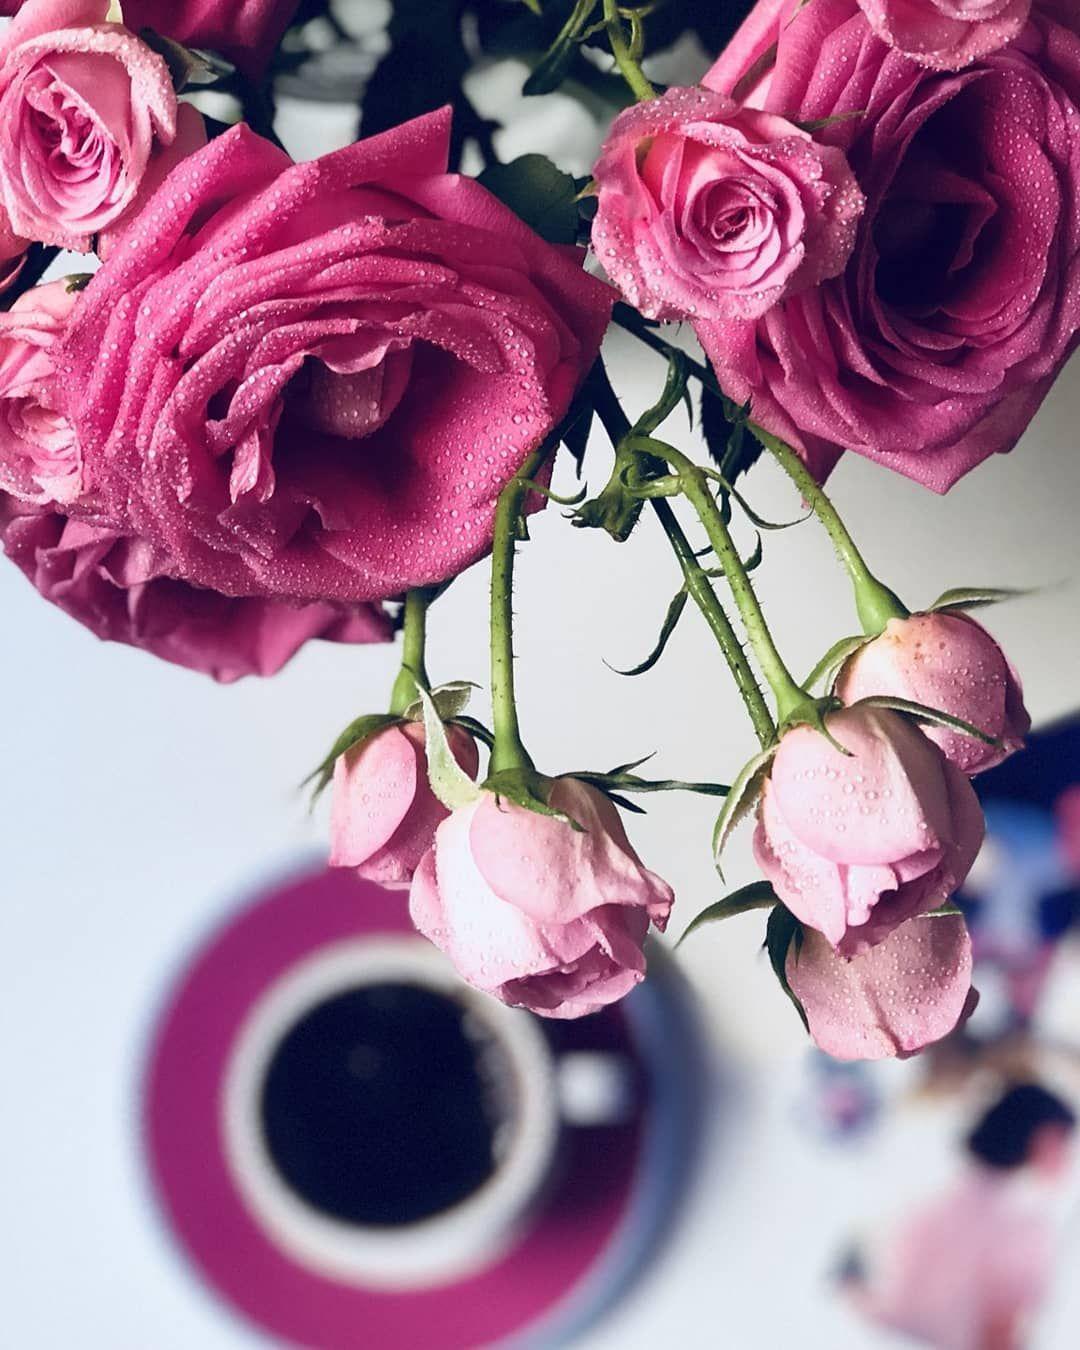 الشتاء صباح الخير فيروز مساء الخير اكسبلور لايك تفاعل خواطر فيروزيات الإمارات شوق العراق فيروزيات المساء قطر شعر الشوق Flowers Plants Rose